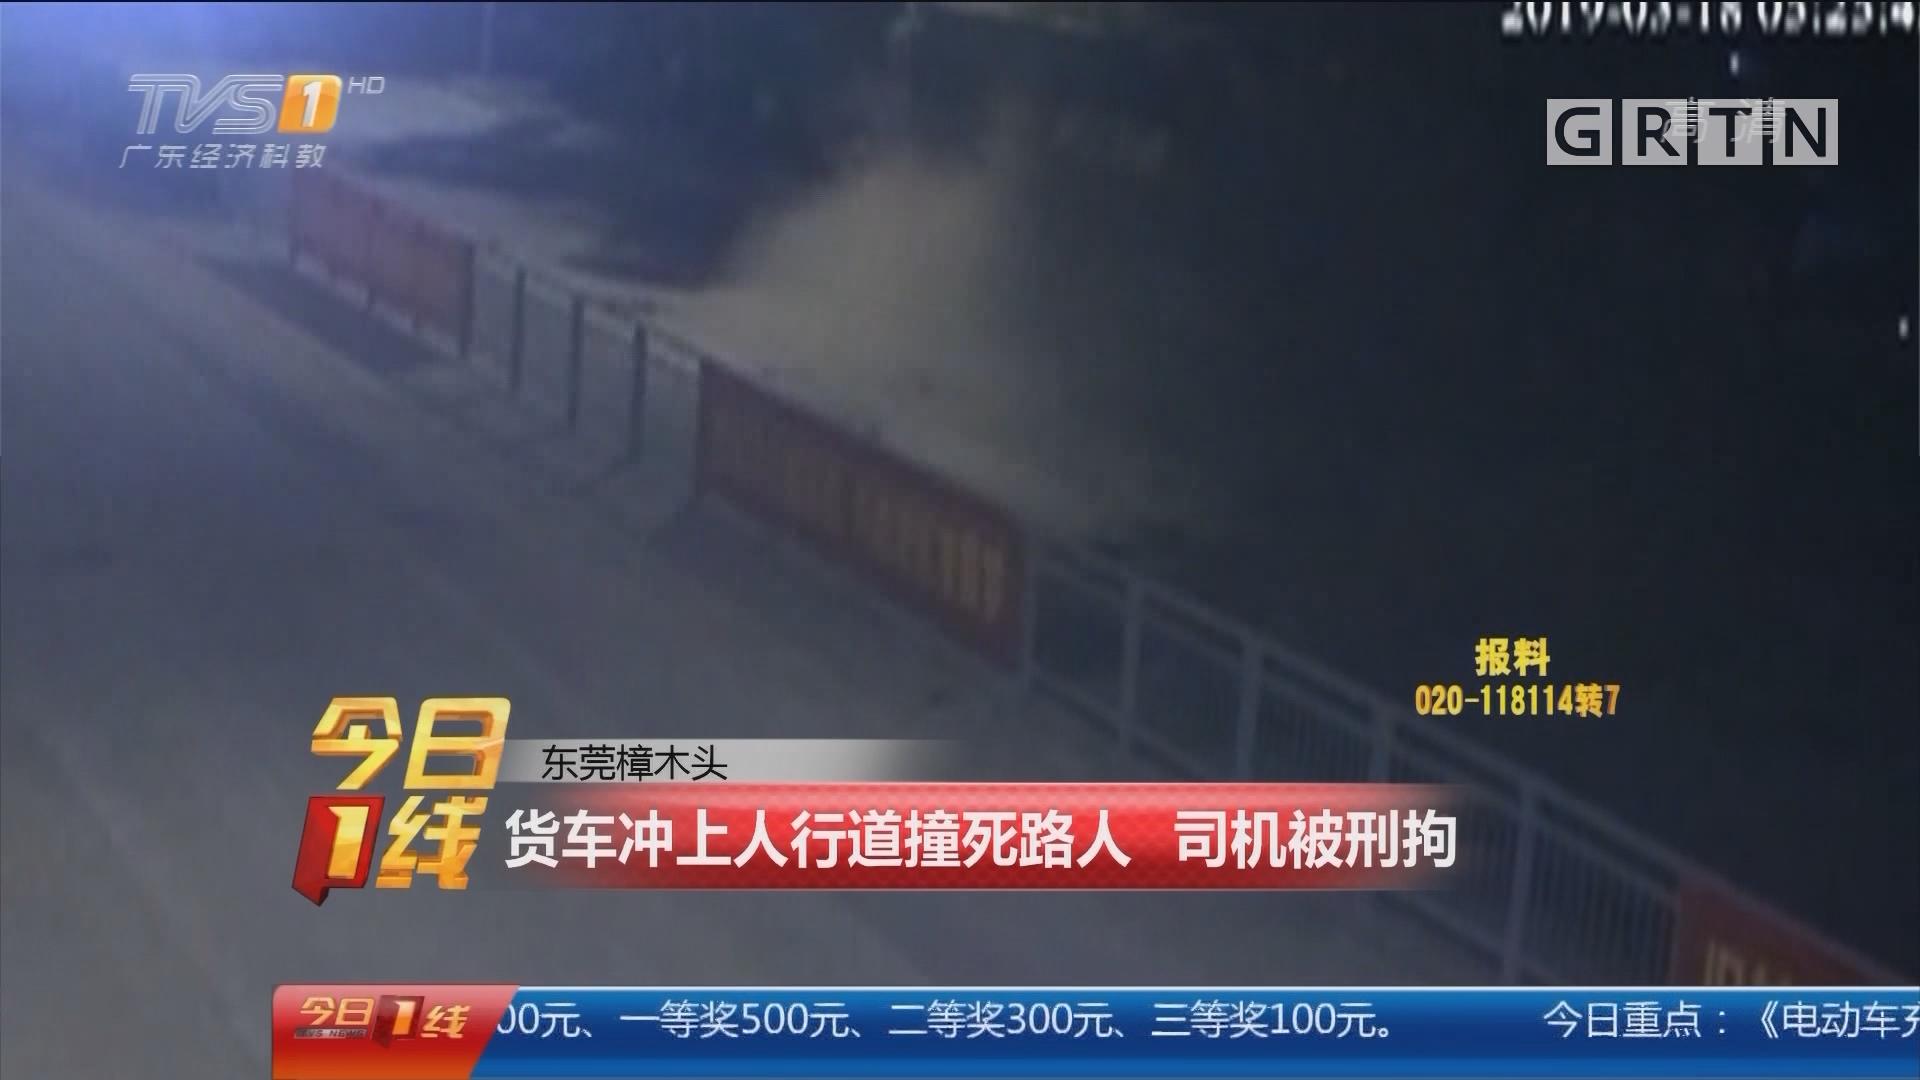 东莞樟木头:货车冲上人行道撞死路人 司机被刑拘